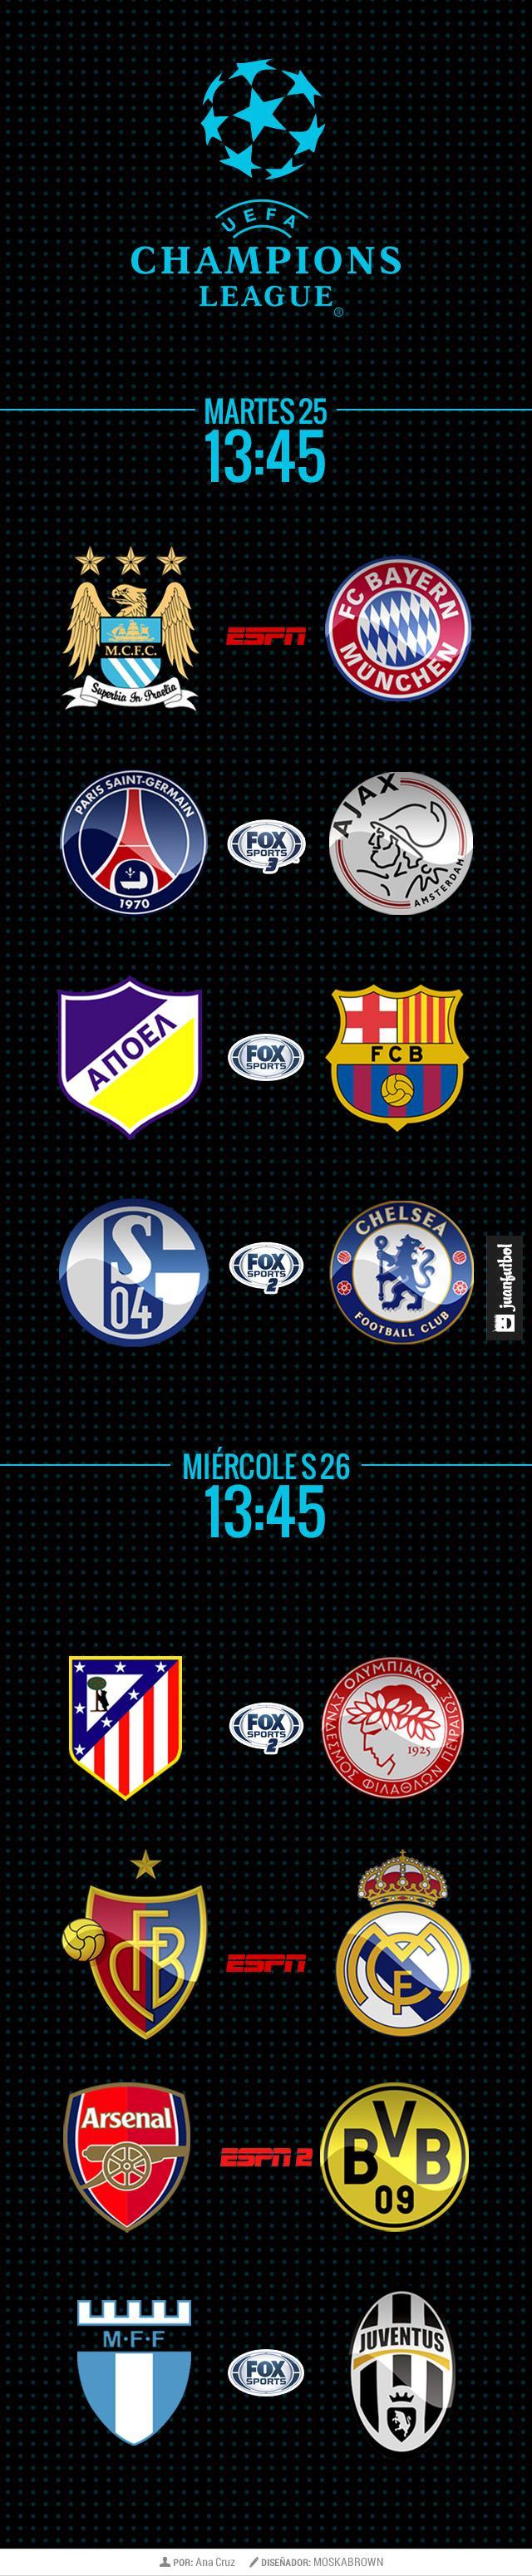 Horarios y canales de la jornada del Champions League del 25 y 26 de noviembre.